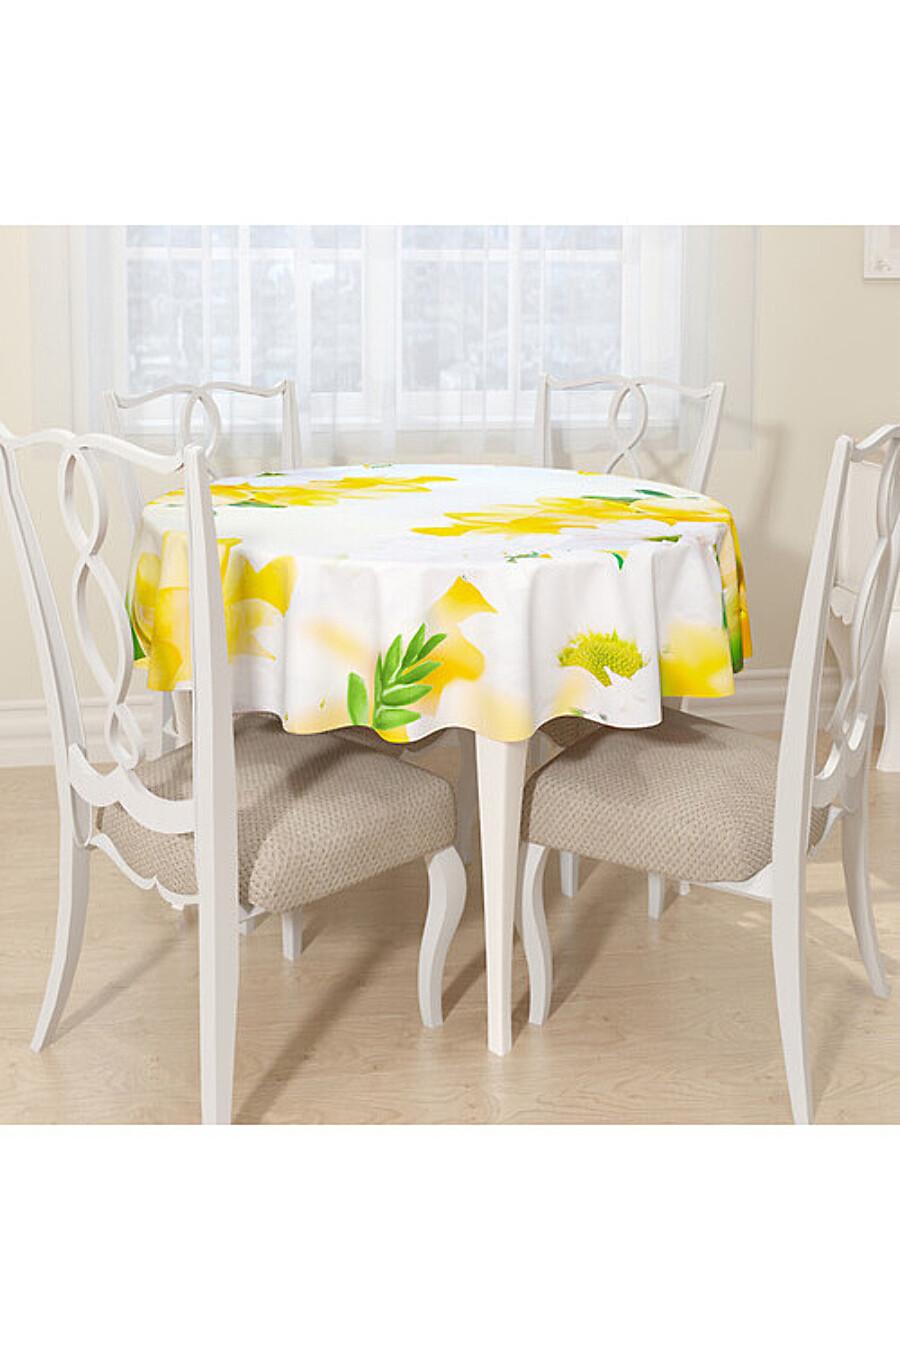 Скатерть для дома ART HOME TEXTILE 180149 купить оптом от производителя. Совместная покупка товаров для дома в OptMoyo